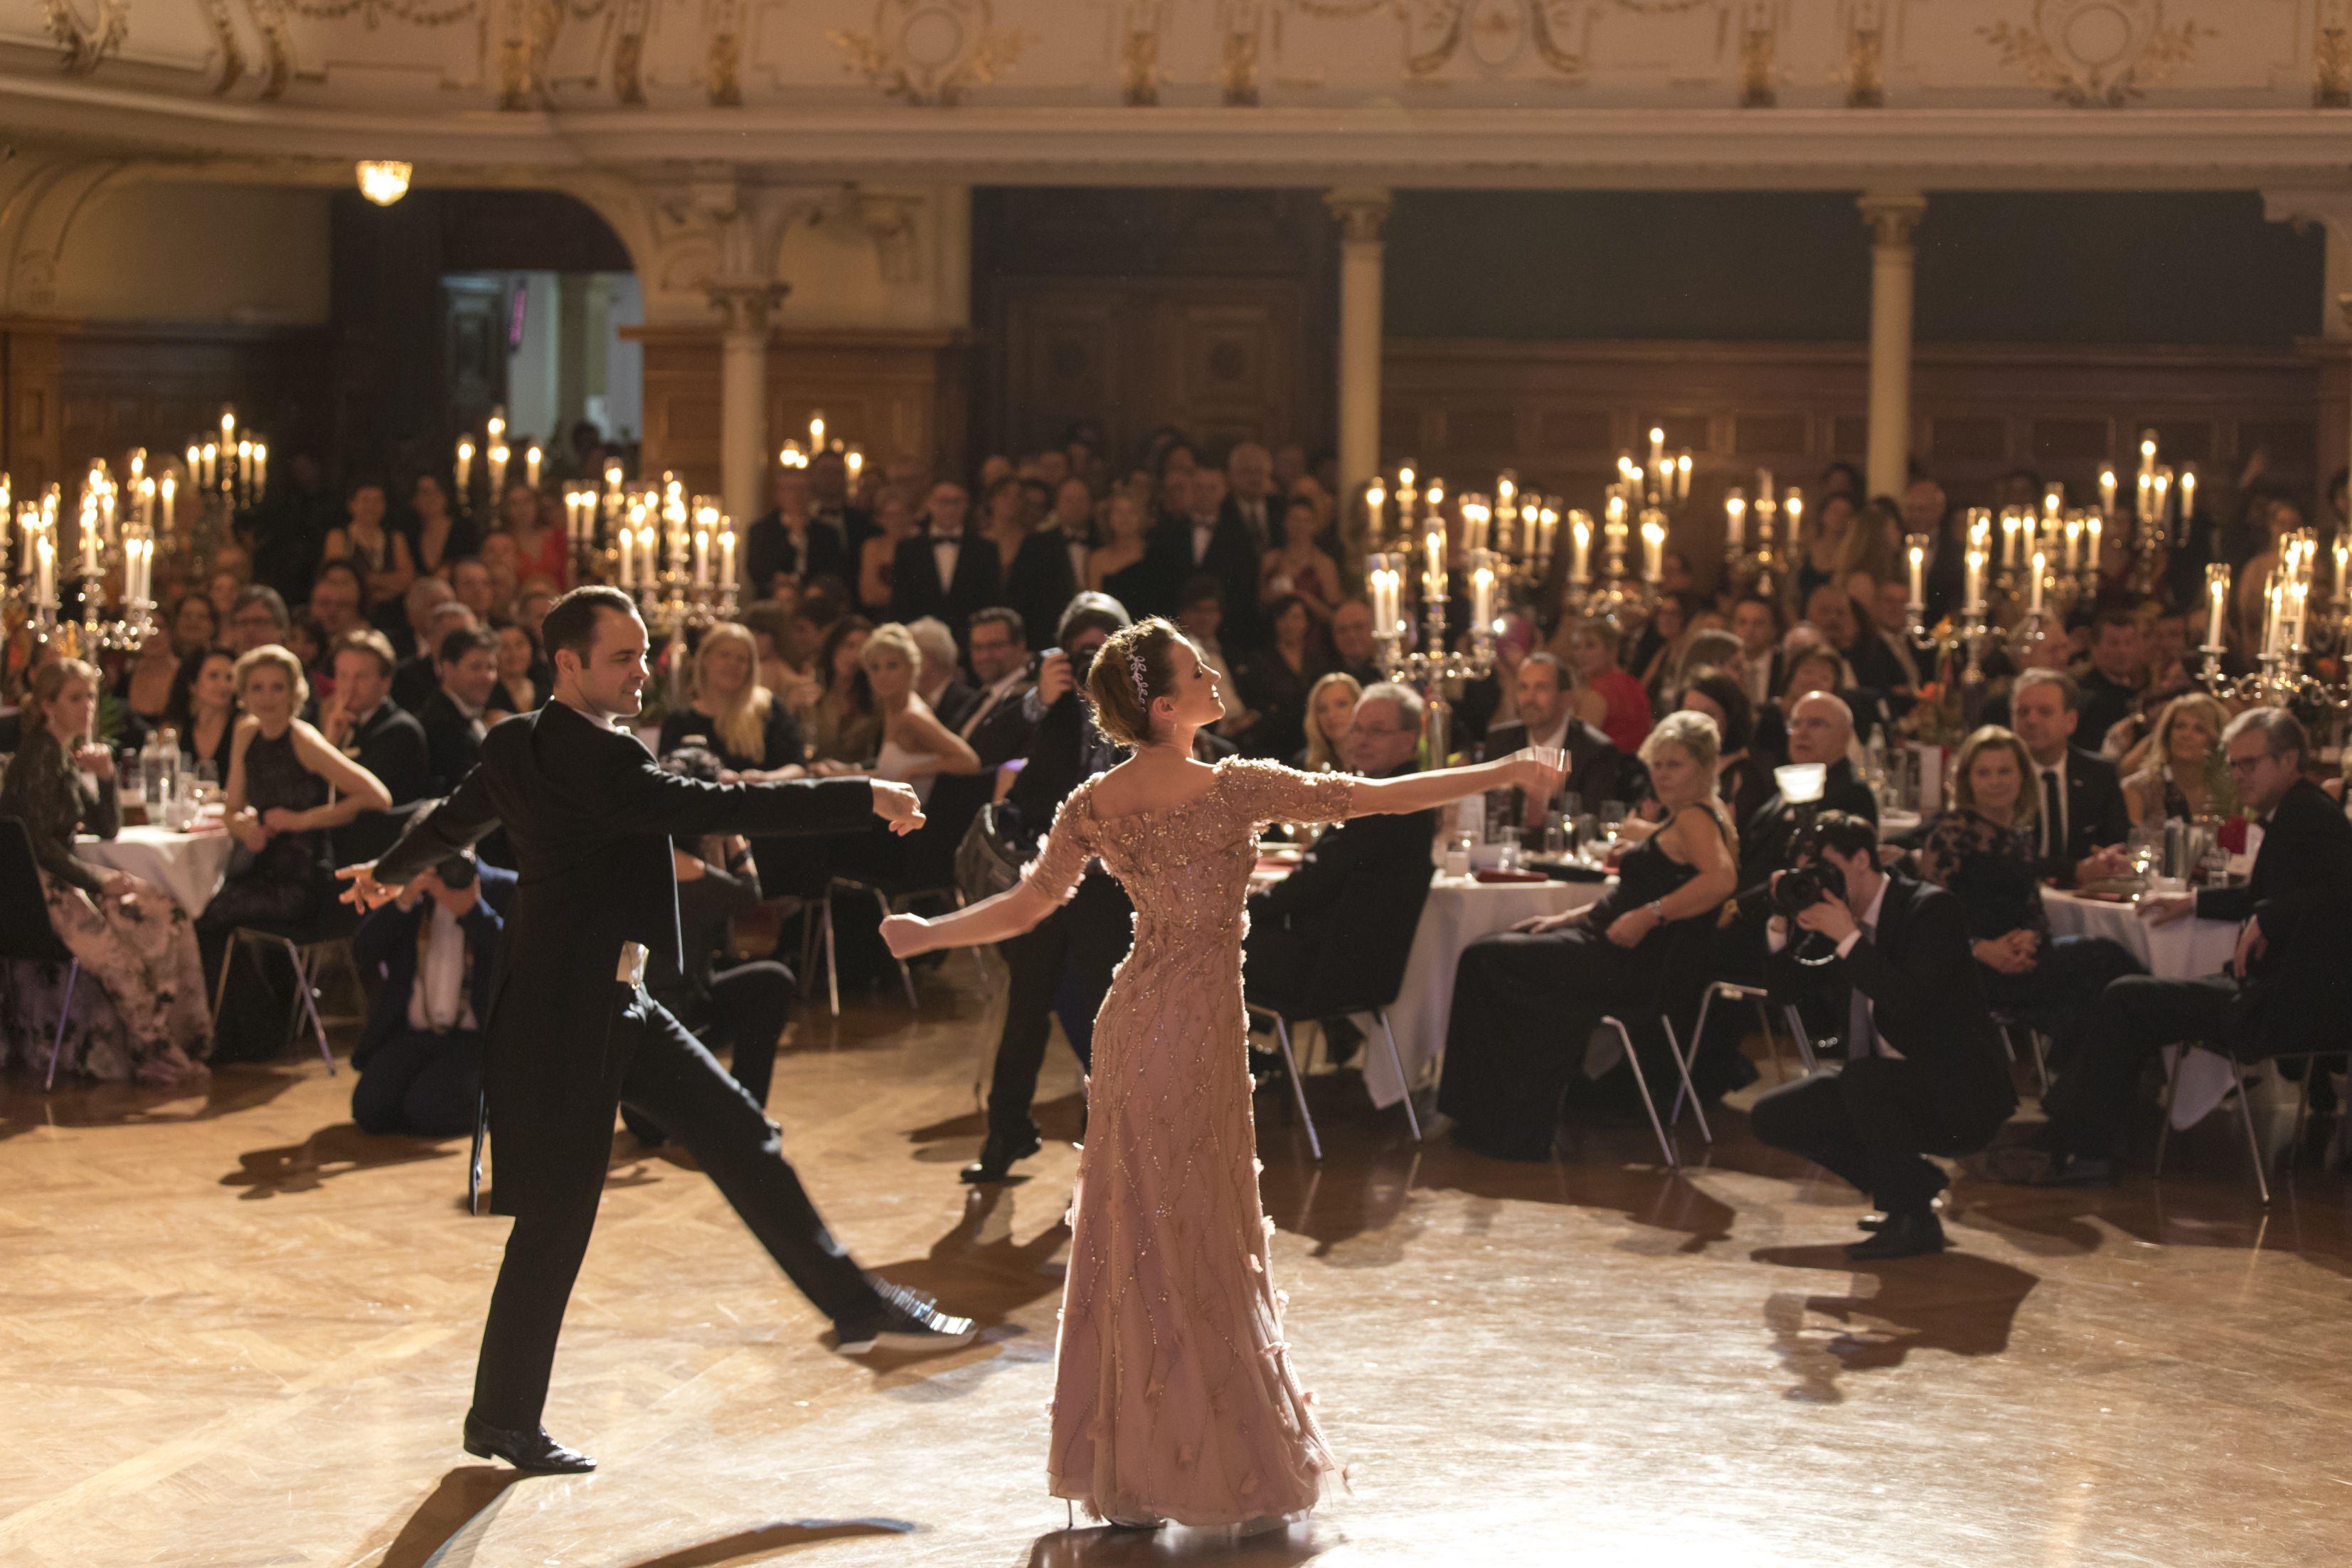 Tanzendes Pärchen mit Personen im Hintergrund im Stefaniensaal.